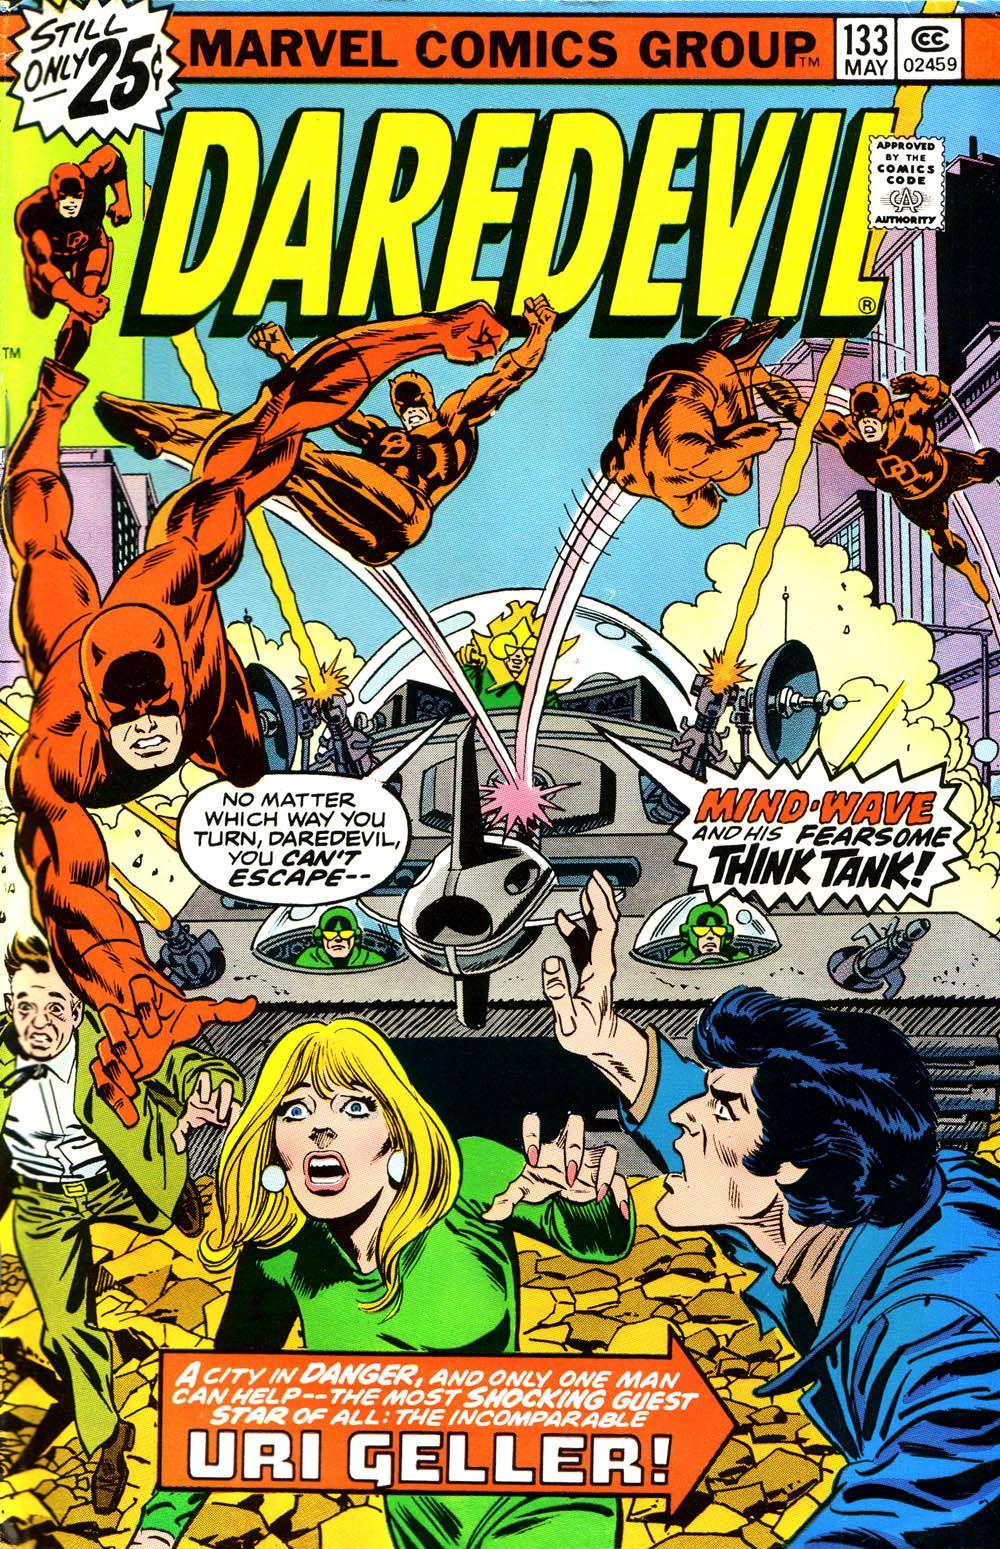 Daredevil #133 Cover By Gil Kane